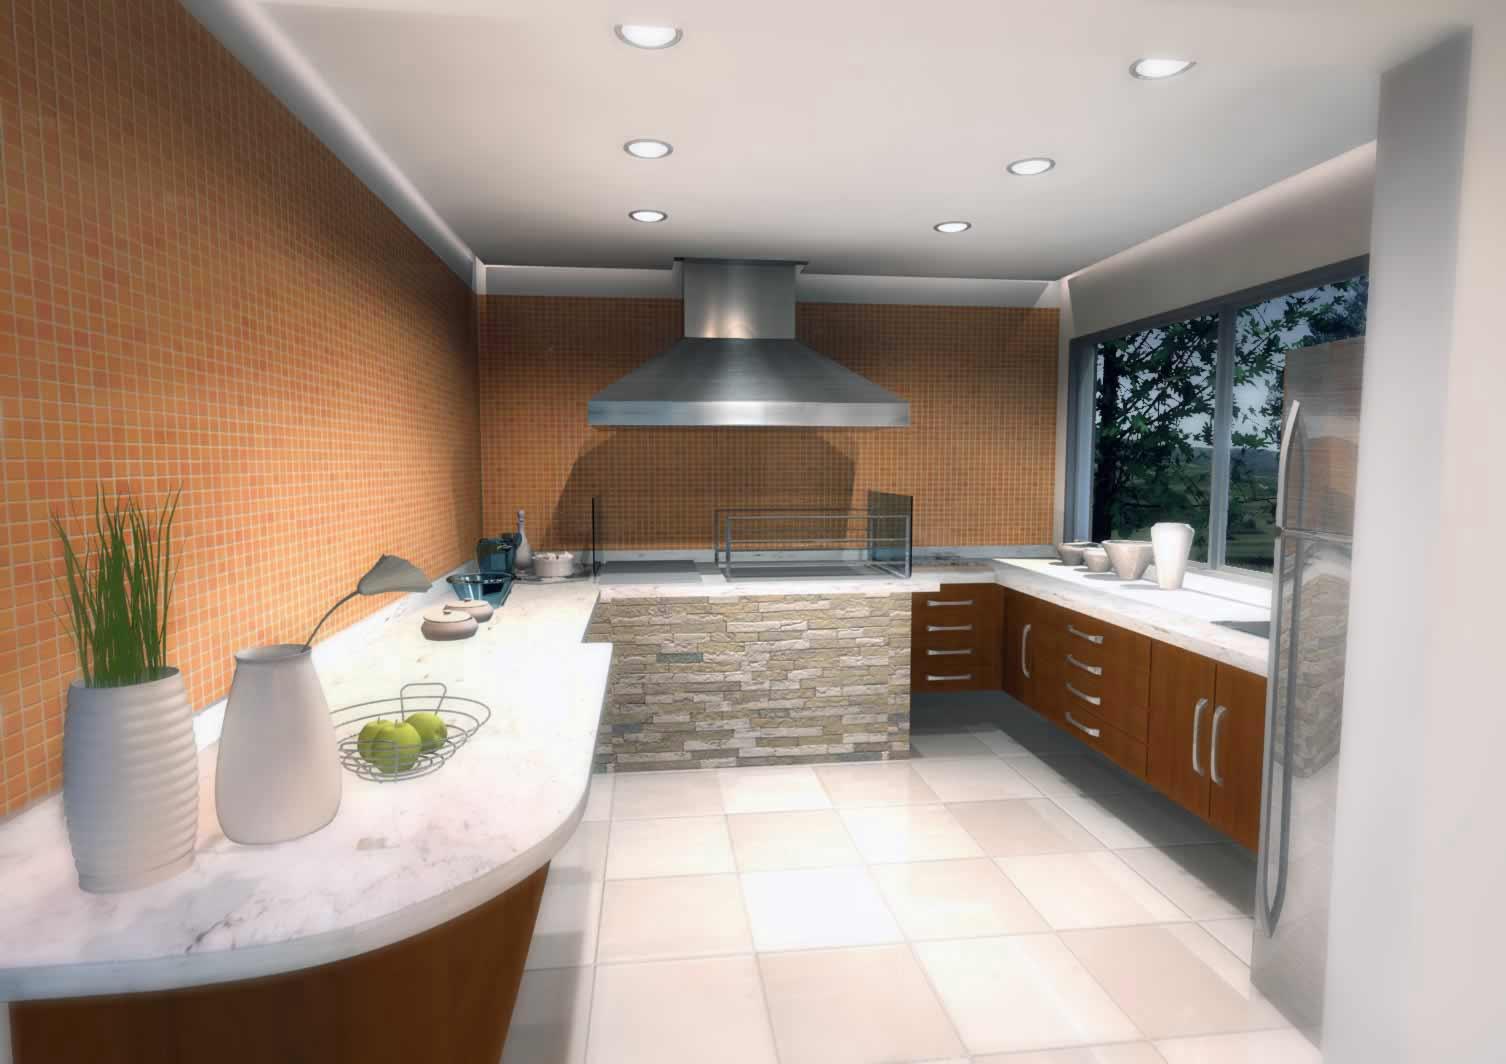 Ceiling Designs For Homes Interior Ceiling Design Ideas Interior Design Center Inspiration